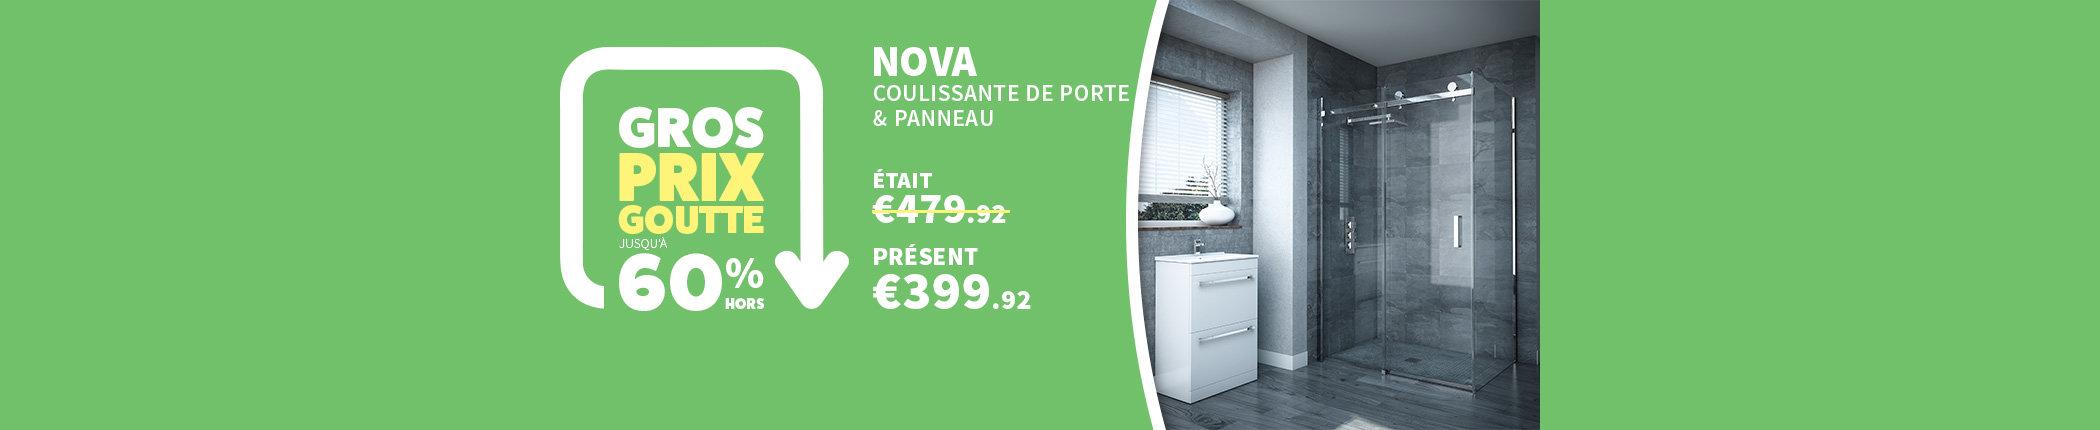 https://www.victorianplumbing.fr/panneau-de-porte-coulissante-sans-cadre-de-nova-enceinte